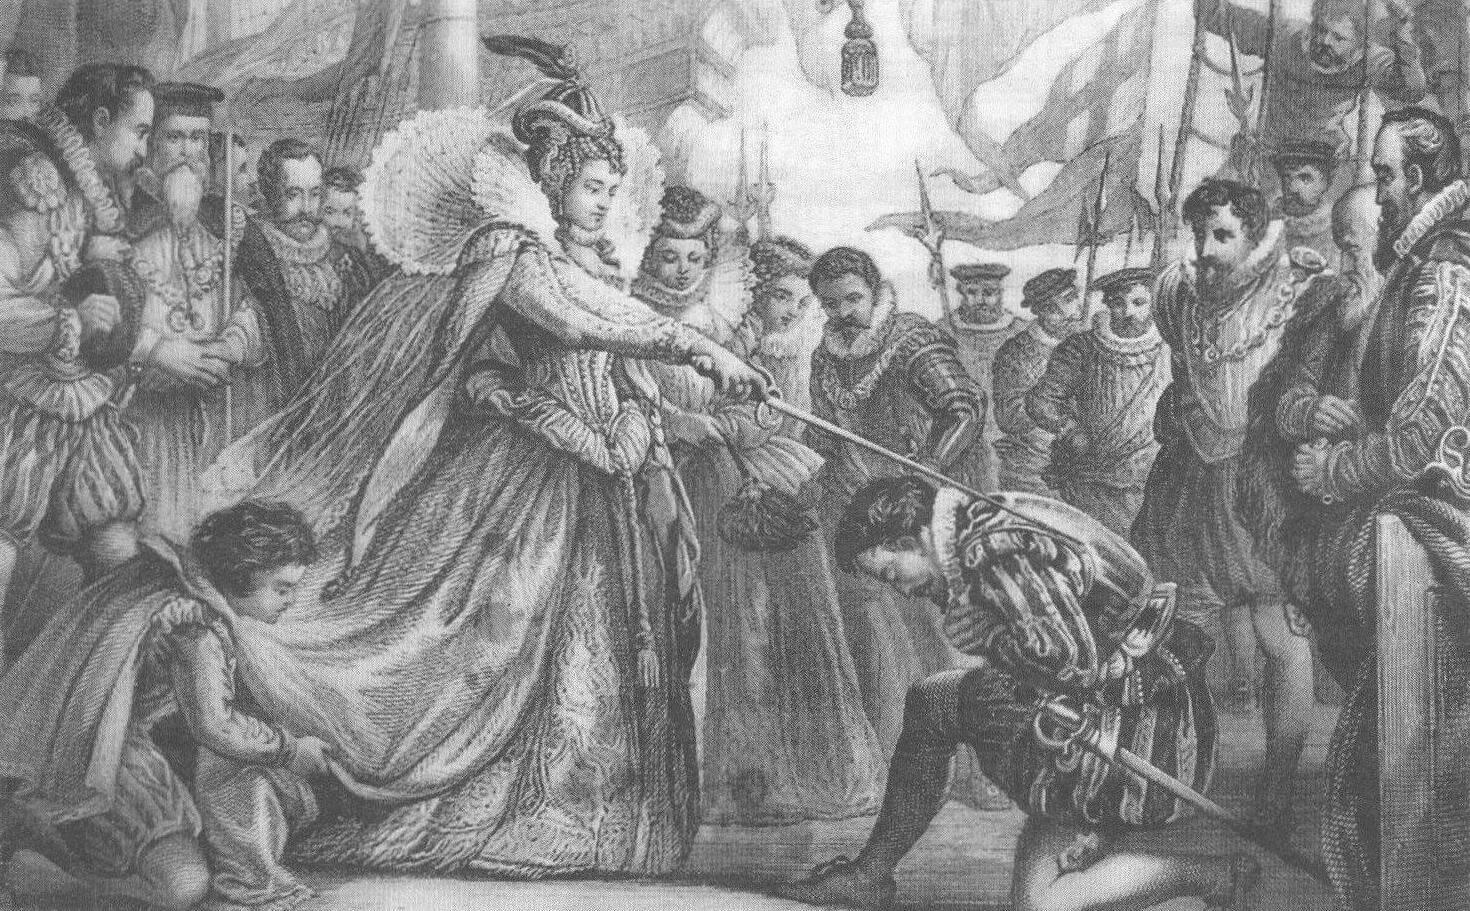 Королева Елизавета посвящает в рыцари Френсиса Дрейка на палубе галеона «Голден Хайнд». Это событие было призвано продемонстрировать испанцам, что действия Дрейка получили одобрение со стороны английской королевской власти